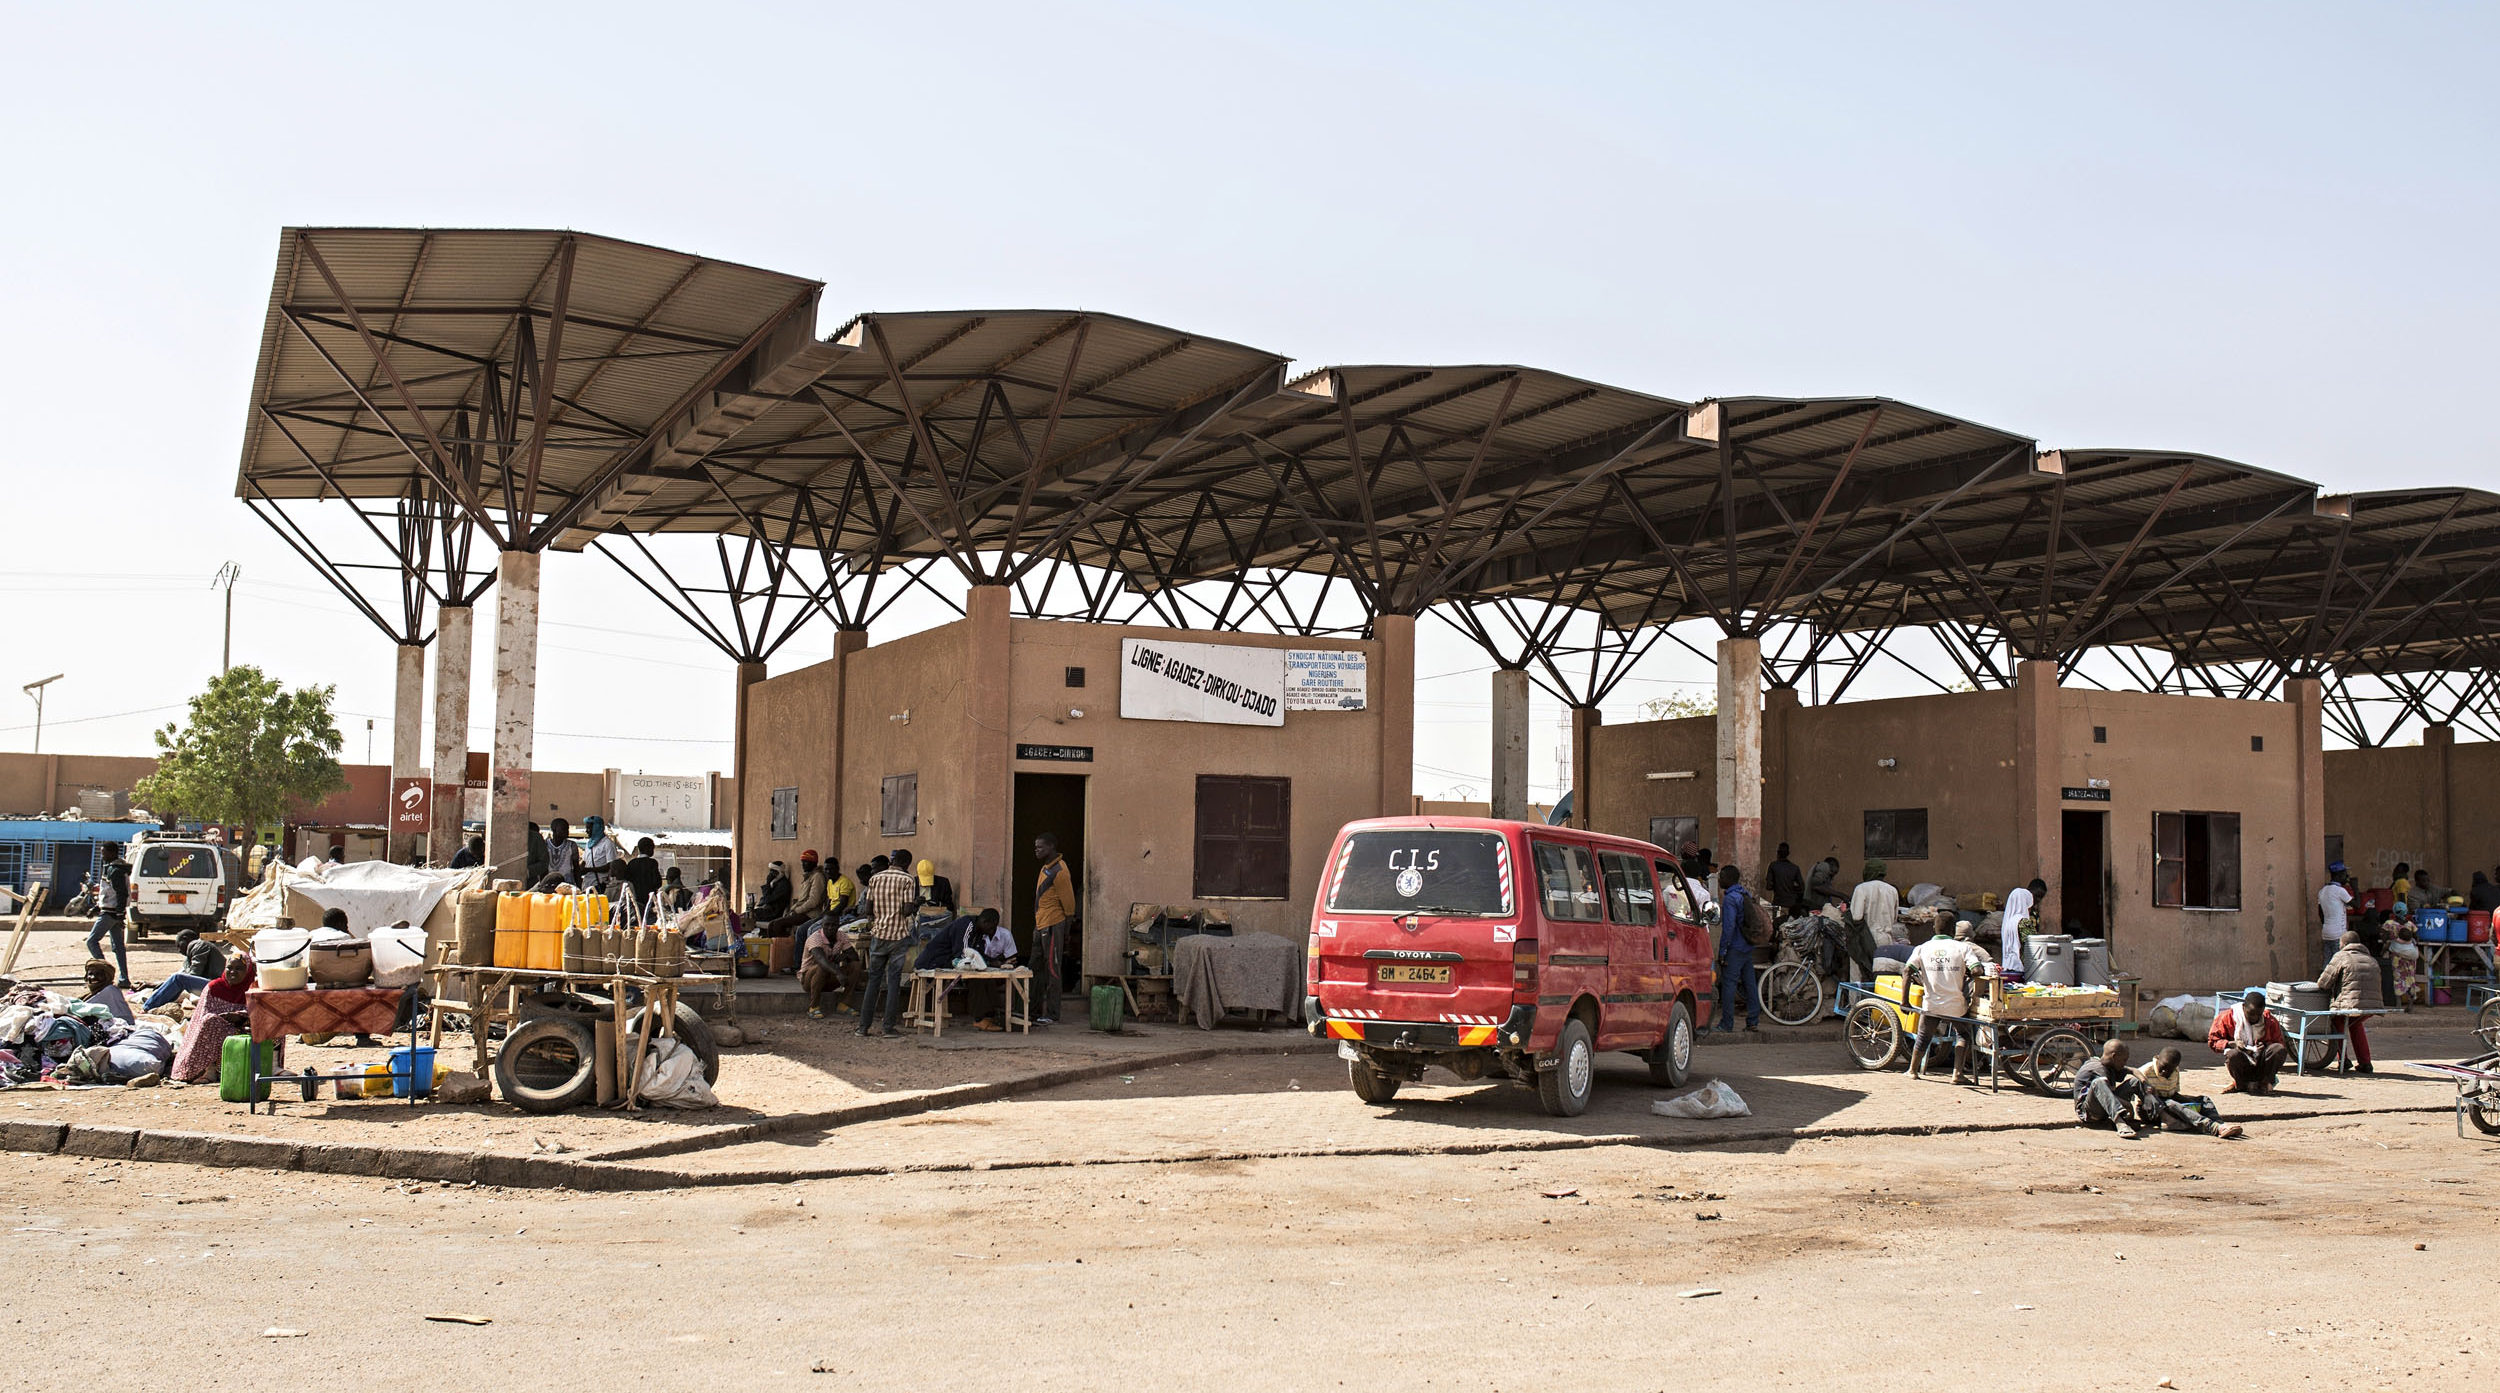 Vielä kaksi vuosi sitten Agadezin asemalta lähti päivittäin autoja kohti Libyaa. Nyt lähdöt tapahtuvat salaa kaupungin ulkopuolelta.